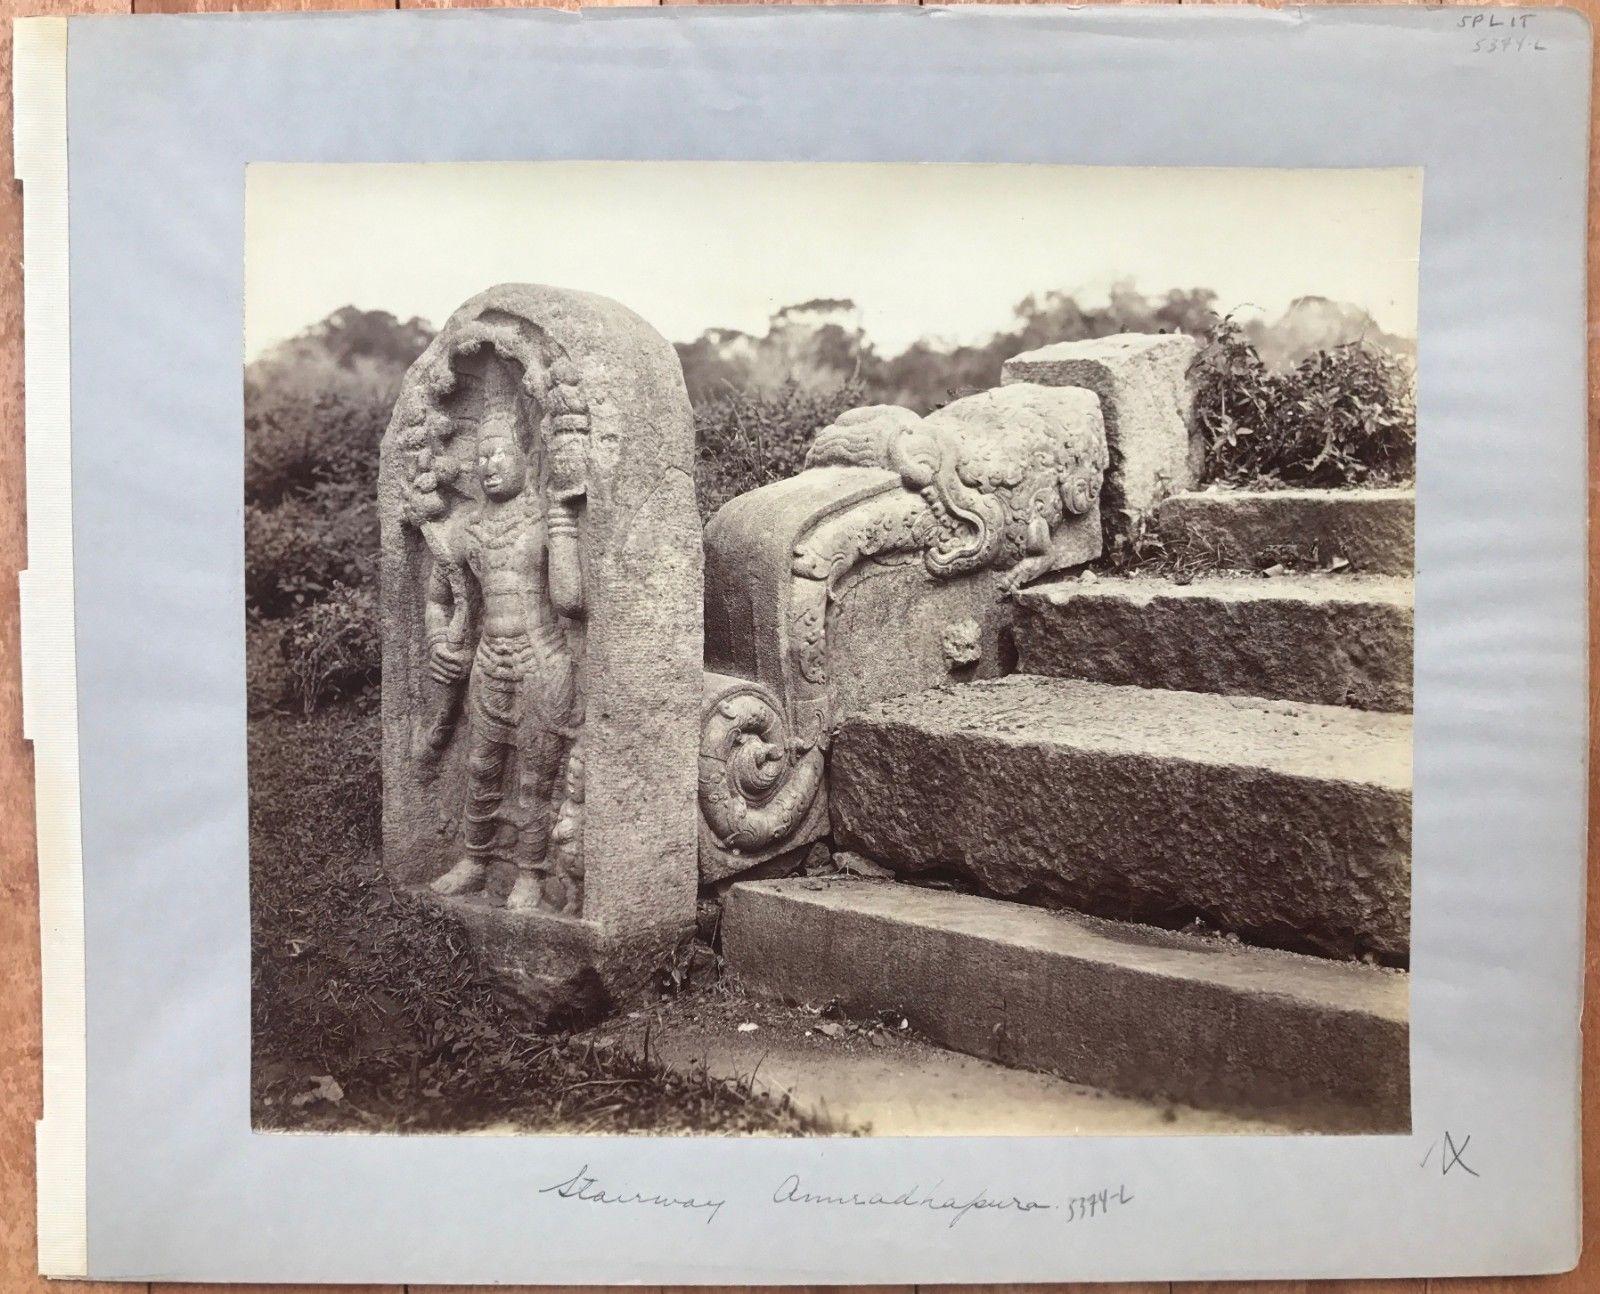 Stairway in Anuradhapura - Sri Lanka, c. 1870's